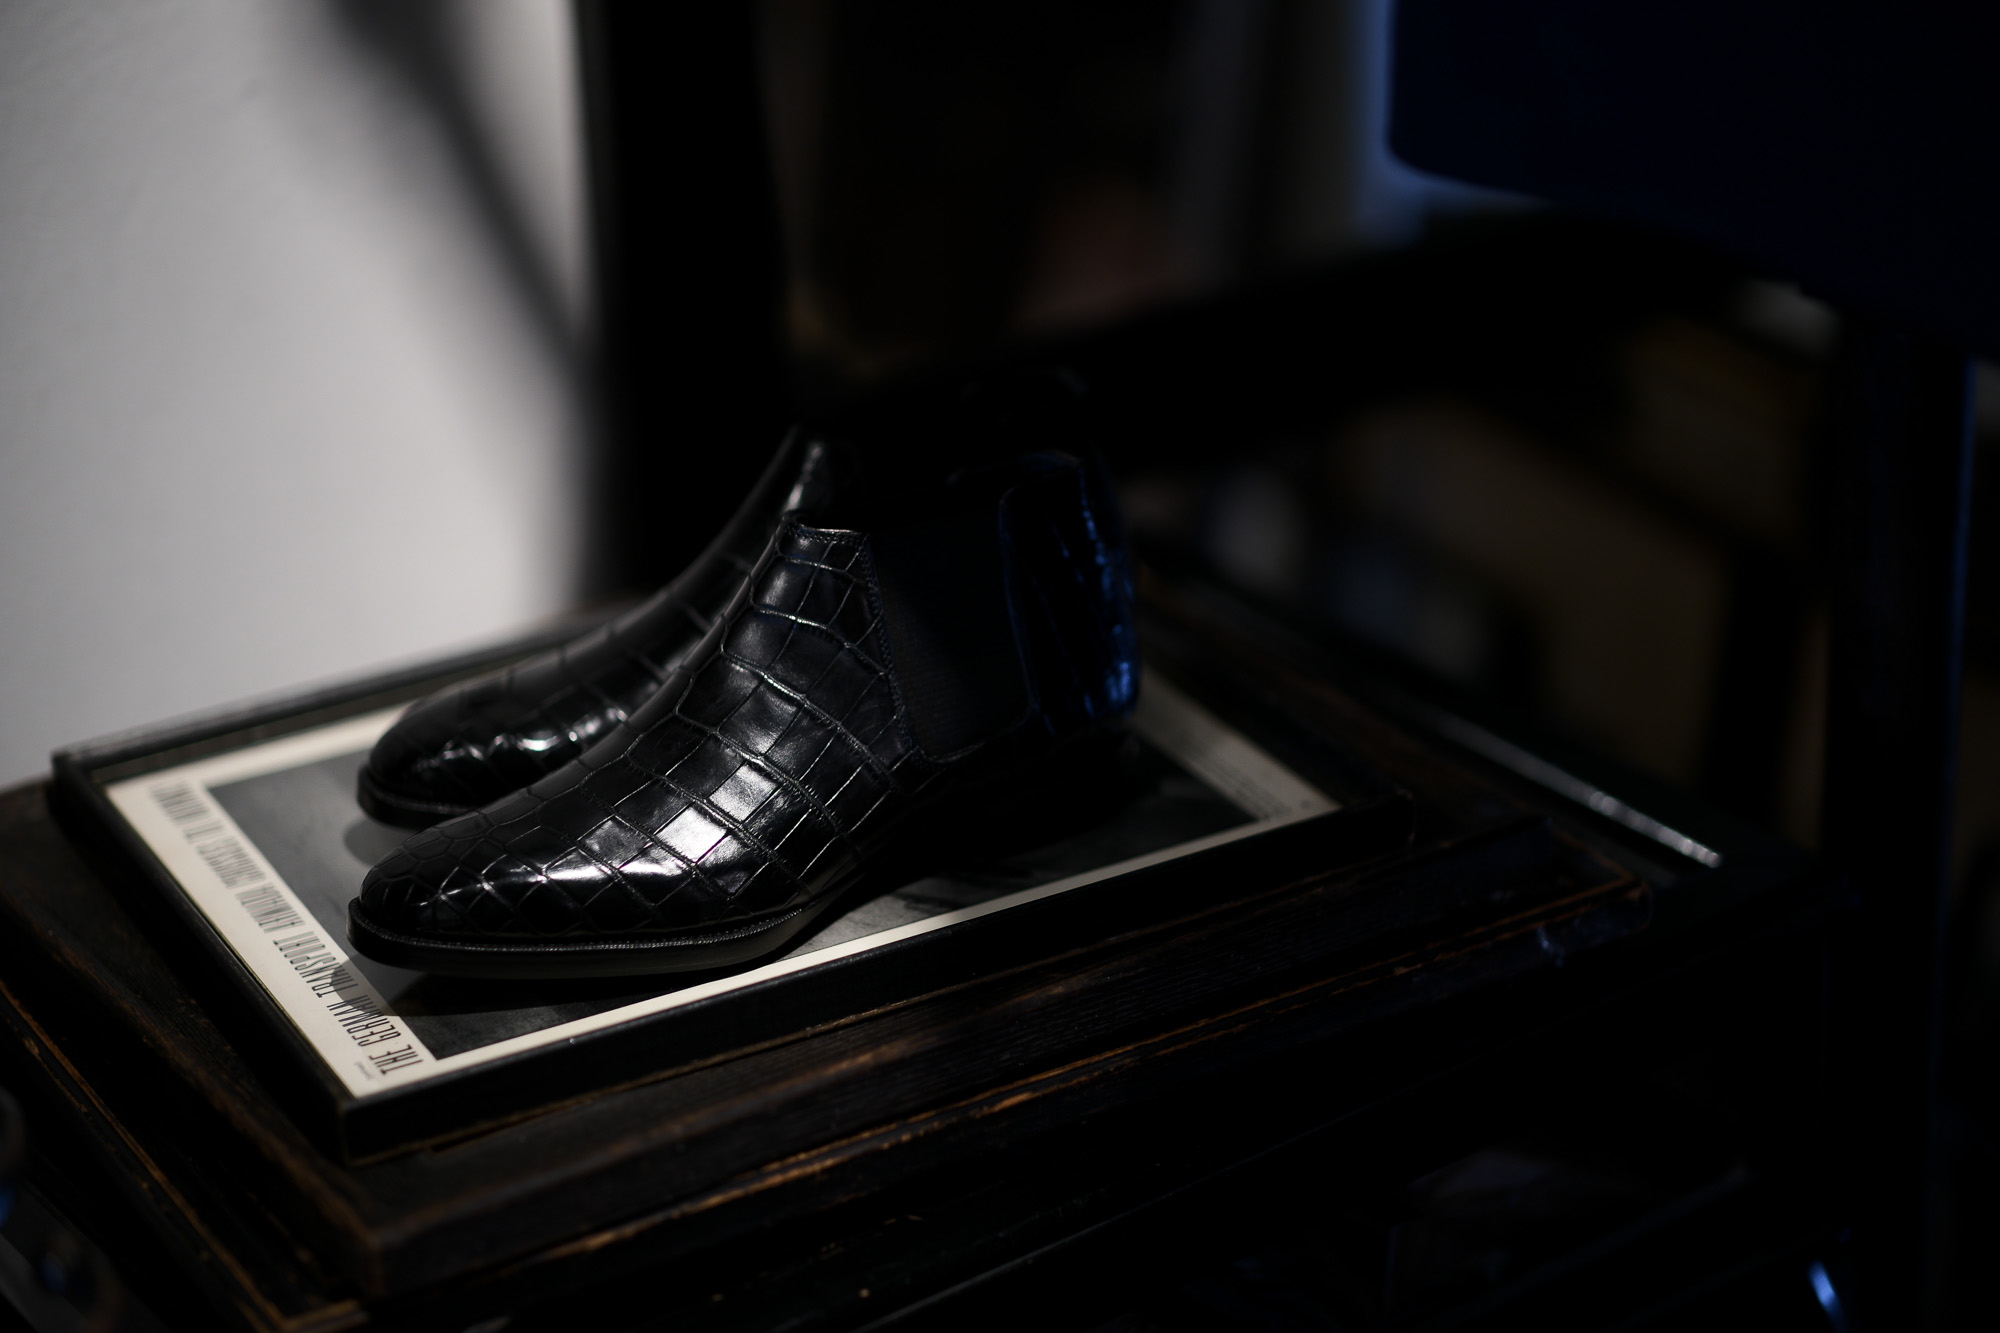 Georges de Patricia(ジョルジュ ド パトリシア) Diablo Crocodile (ディアブロ クロコダイル) 925 STERLING SILVER (925 スターリングシルバー) Crocodile クロコダイル エキゾチックレザー サイドゴアブーツ NOIR (ブラック) 2019 春夏新作 【Special Boots】【第2便ご予約受付中】アルトエデリット ジョルジュドパトリシア ブーツ 超絶ブーツ ランボルギーニ ディアブロ lamborghini